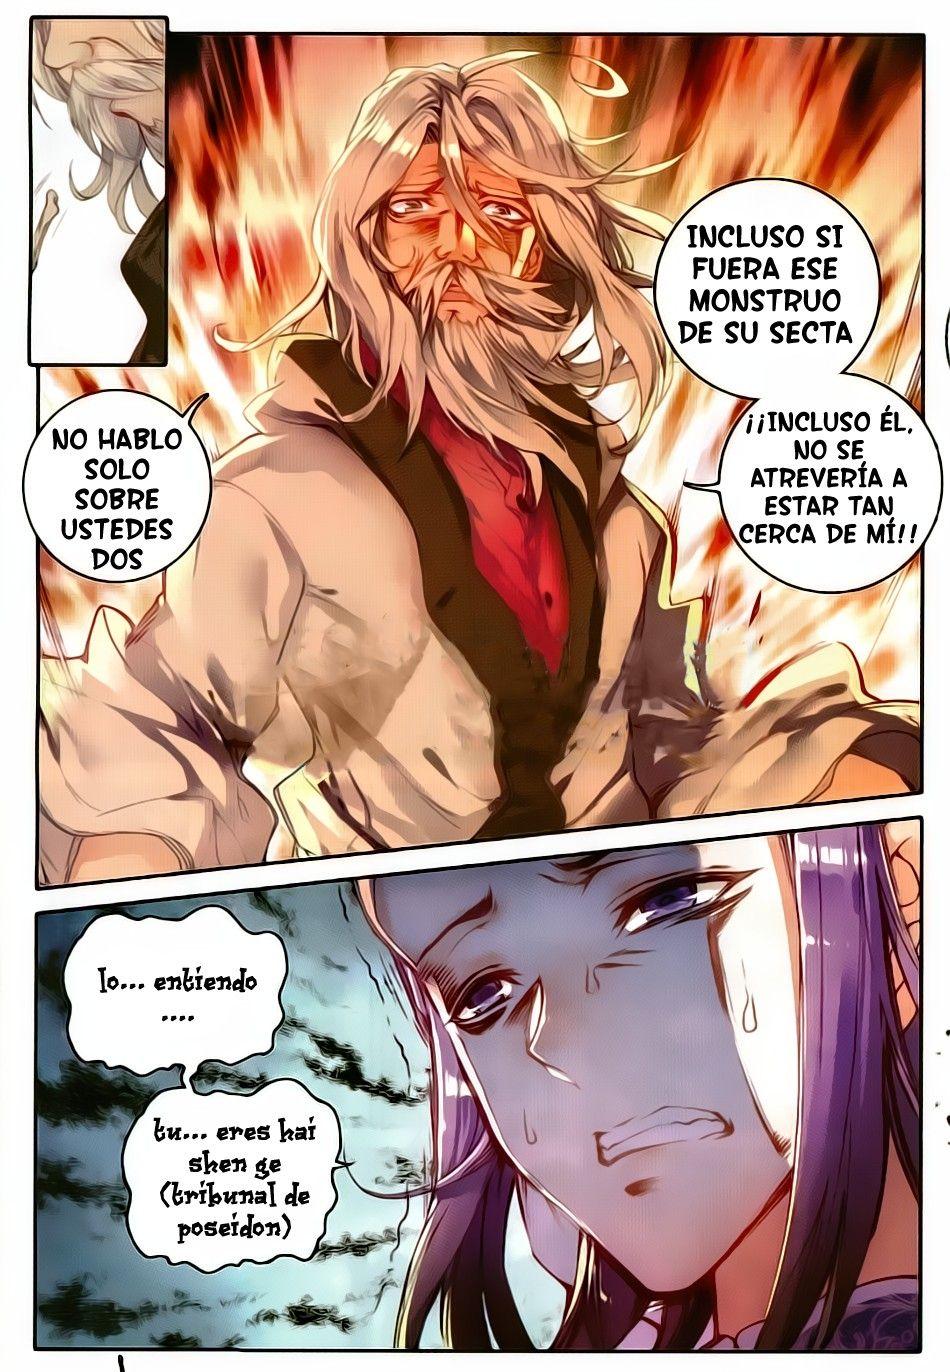 https://c5.ninemanga.com/es_manga/pic2/33/16417/513258/fc75f68ffe9088e2e23fedd2d2cc85db.jpg Page 19